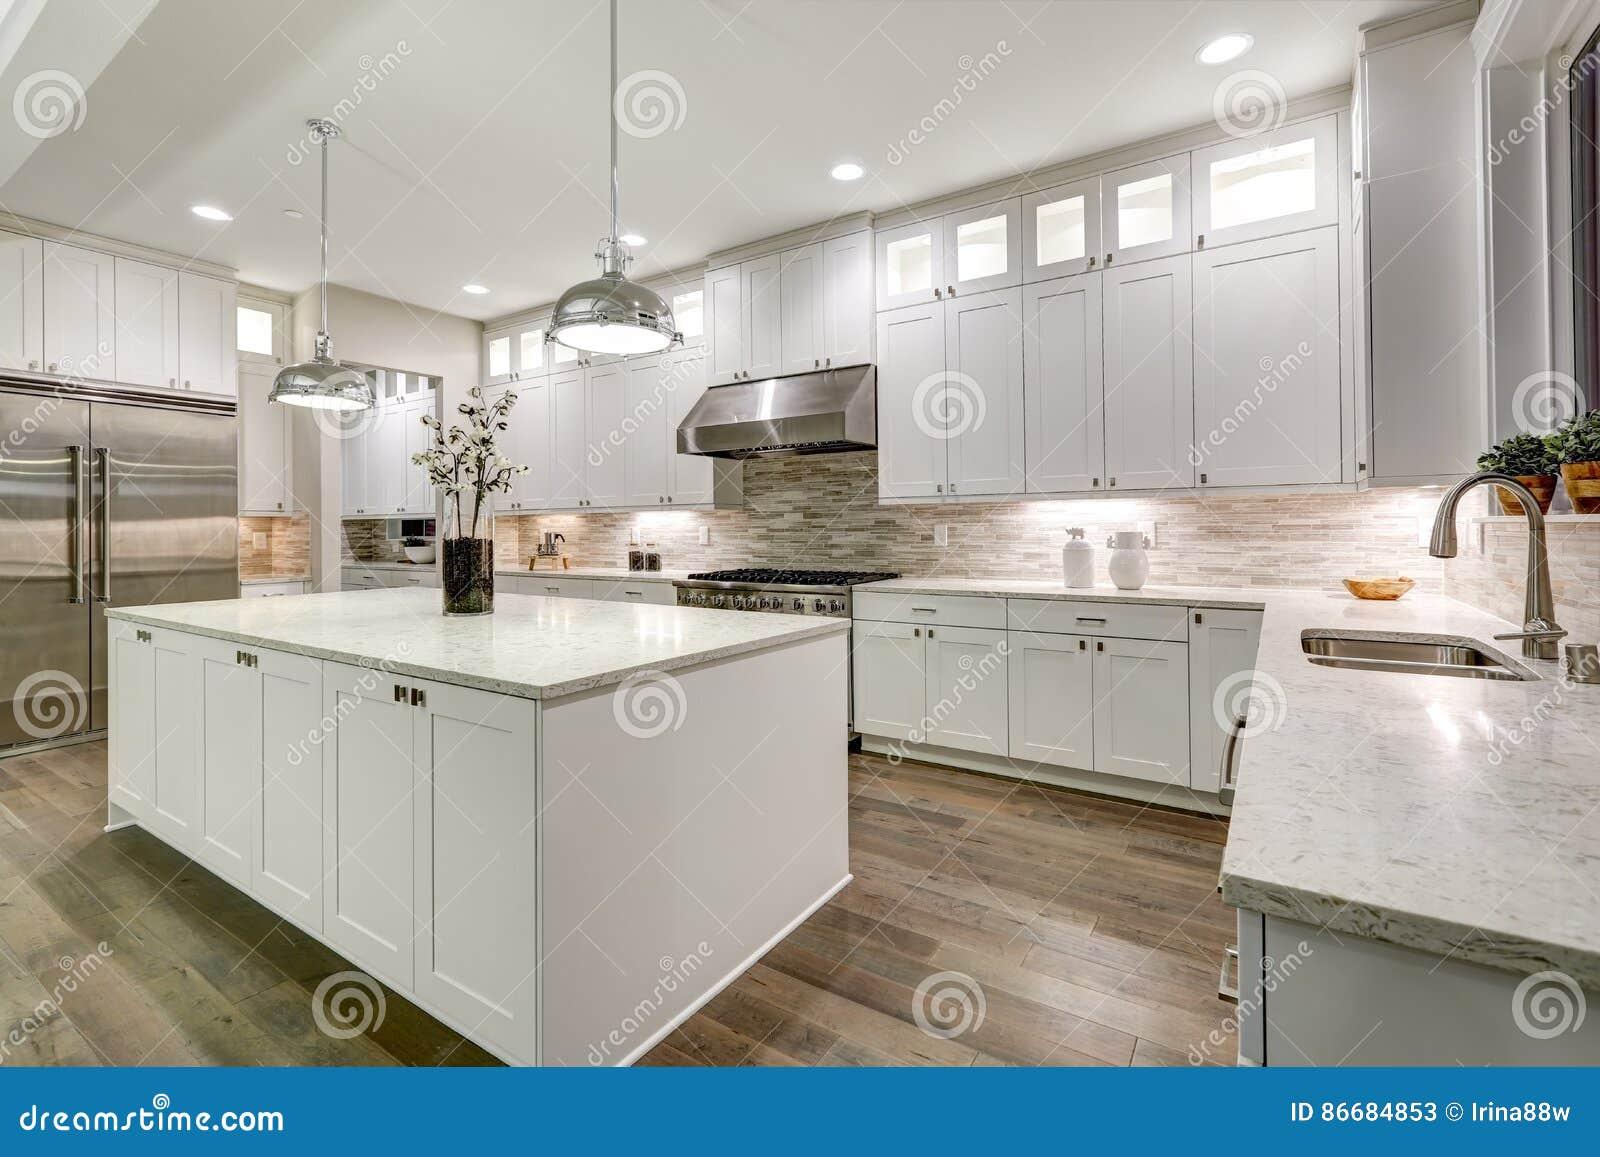 Feinschmeckerische Küche Kennzeichnet Weißen Cabinetry Stockbild ...